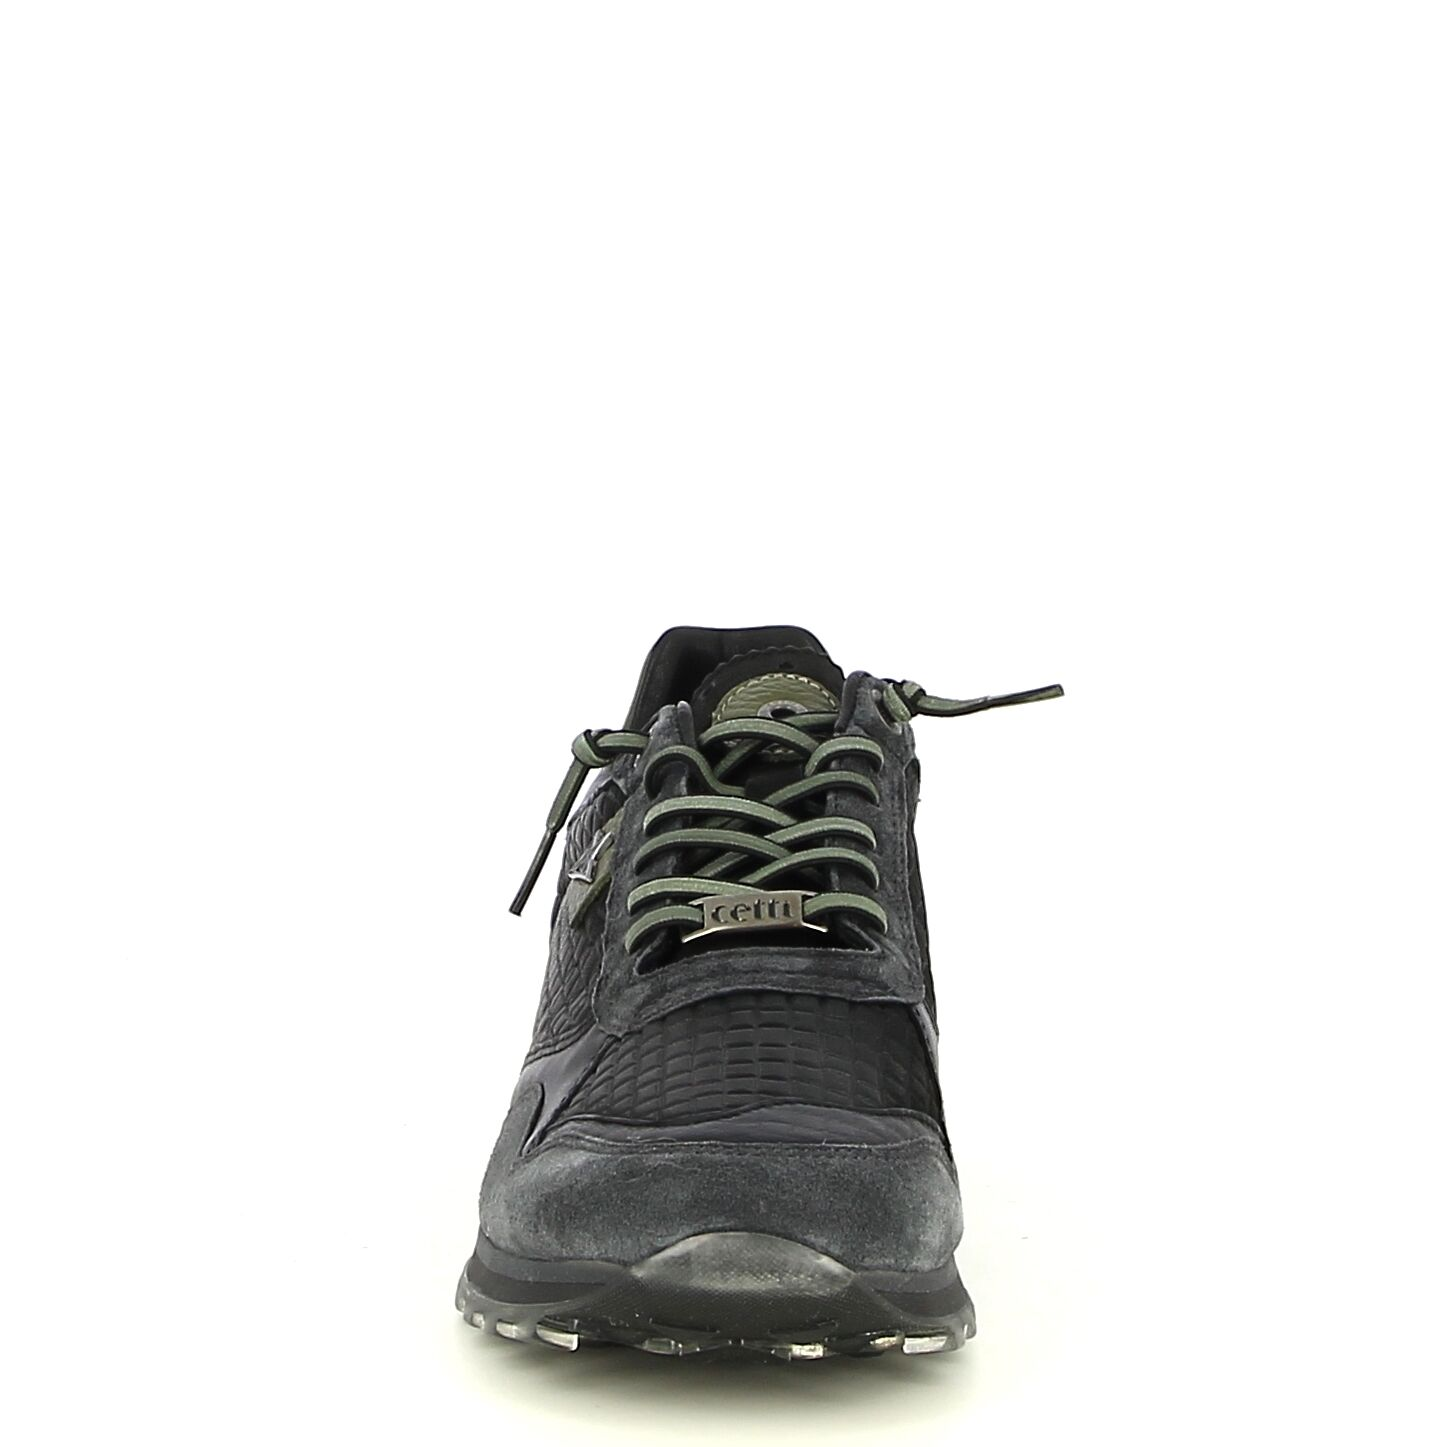 Cetti - Zwart - Sneakers